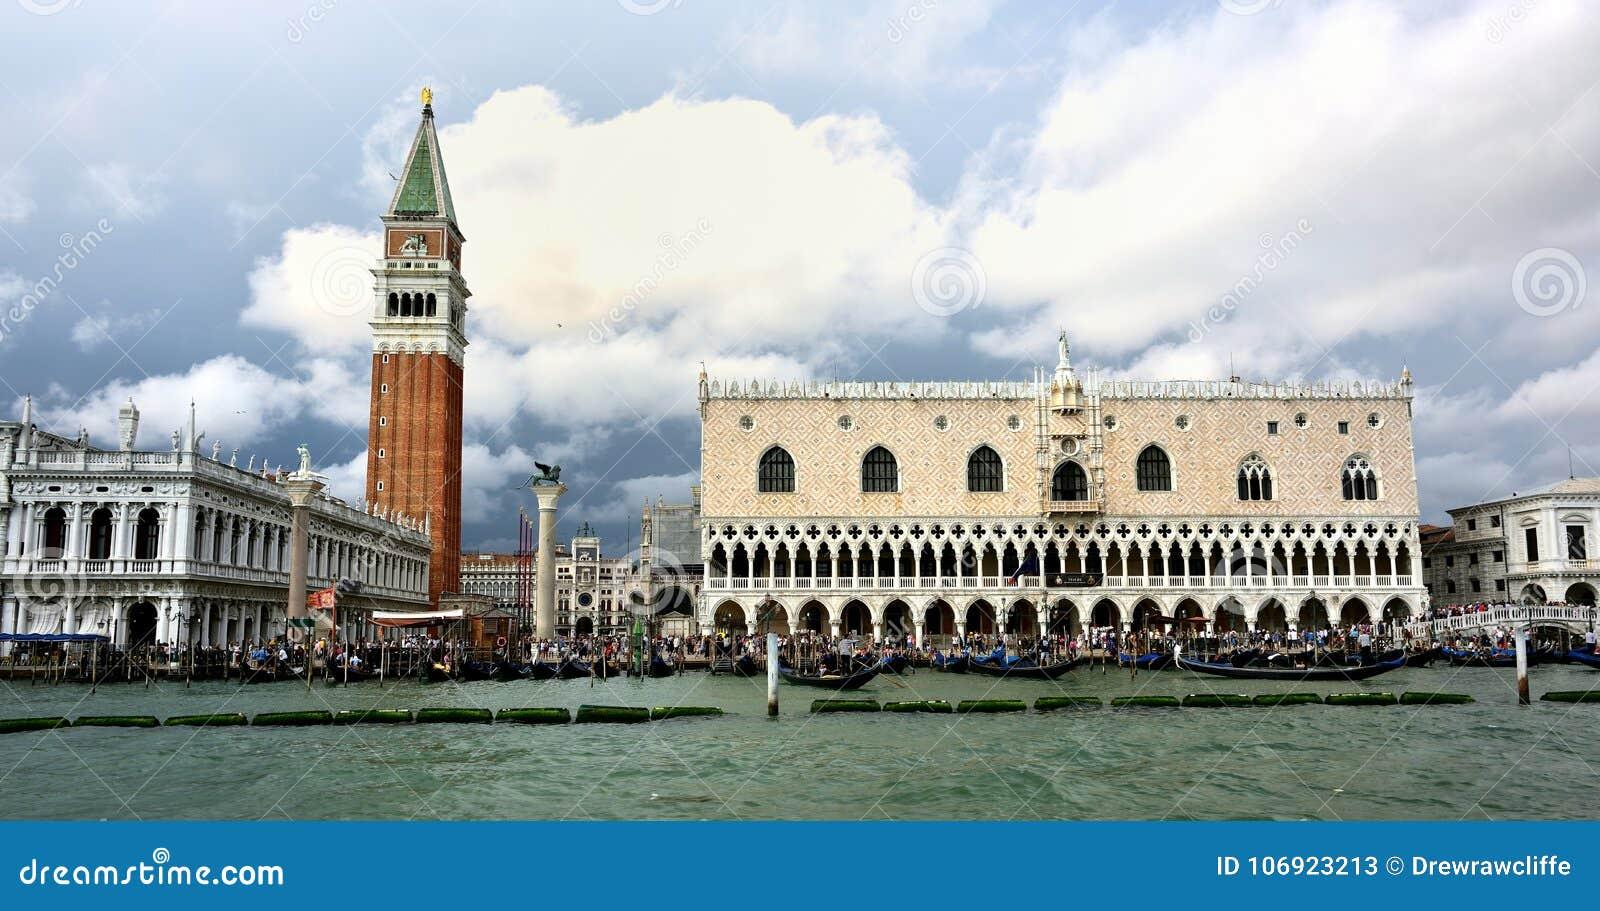 Wodni taxi stać w kolejce przy San Marco, Wenecja